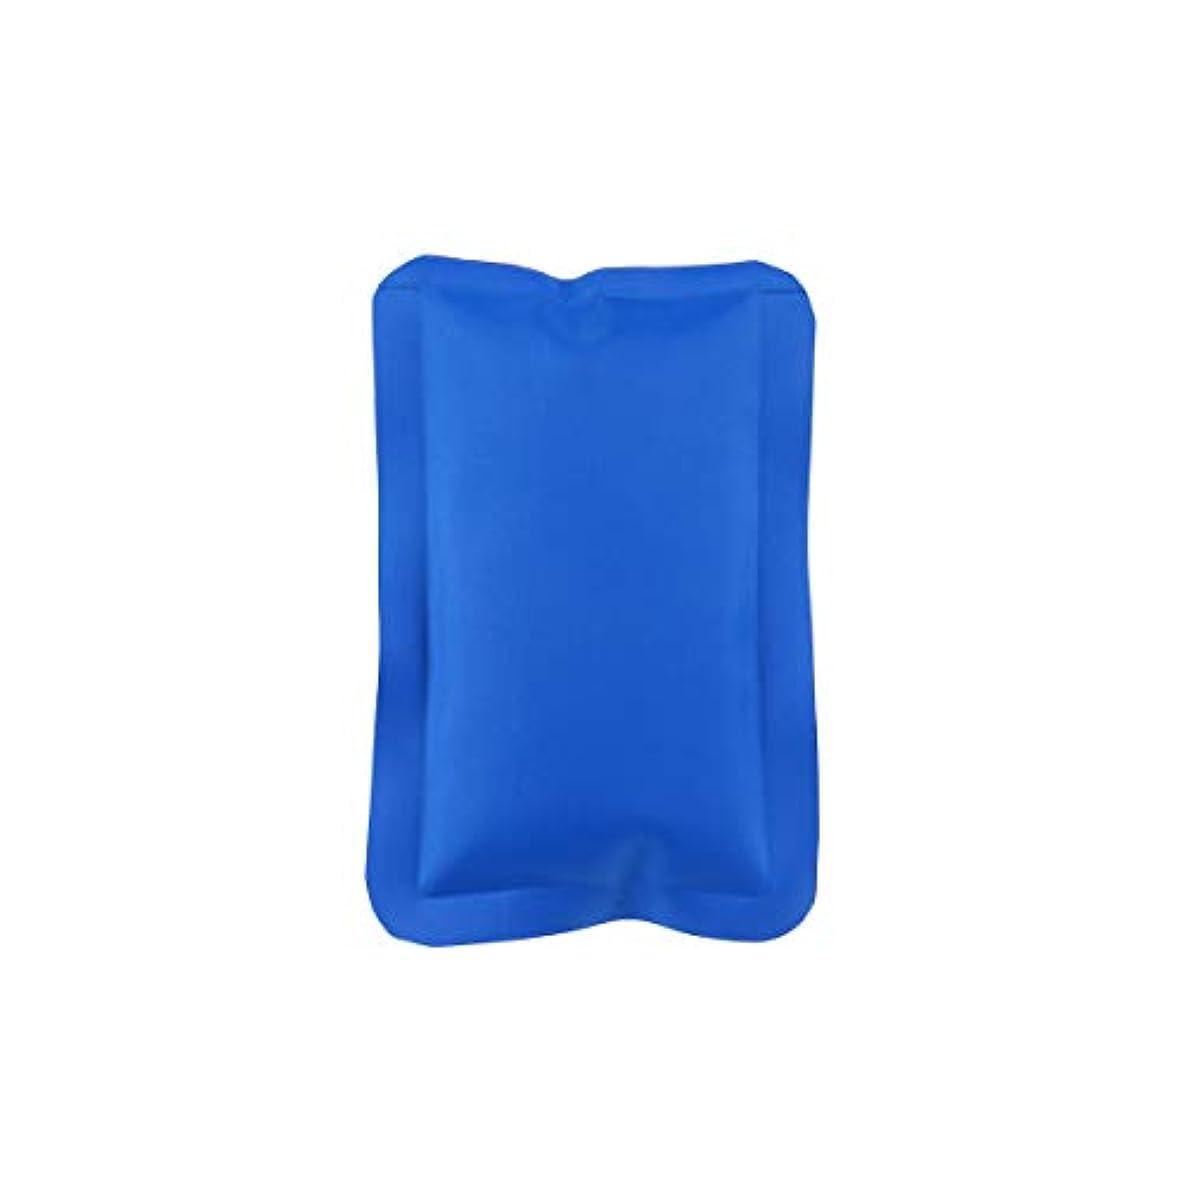 ひばりスカイ本当のことを言うとHEALLILY 150ML再利用可能なホット&コールドジェルパック(コンプレッションラップスポーツ傷害)ジェルアイスパック多目的ヒートパック(マッスルリリーフ用、16x10x1cm、ブルー)